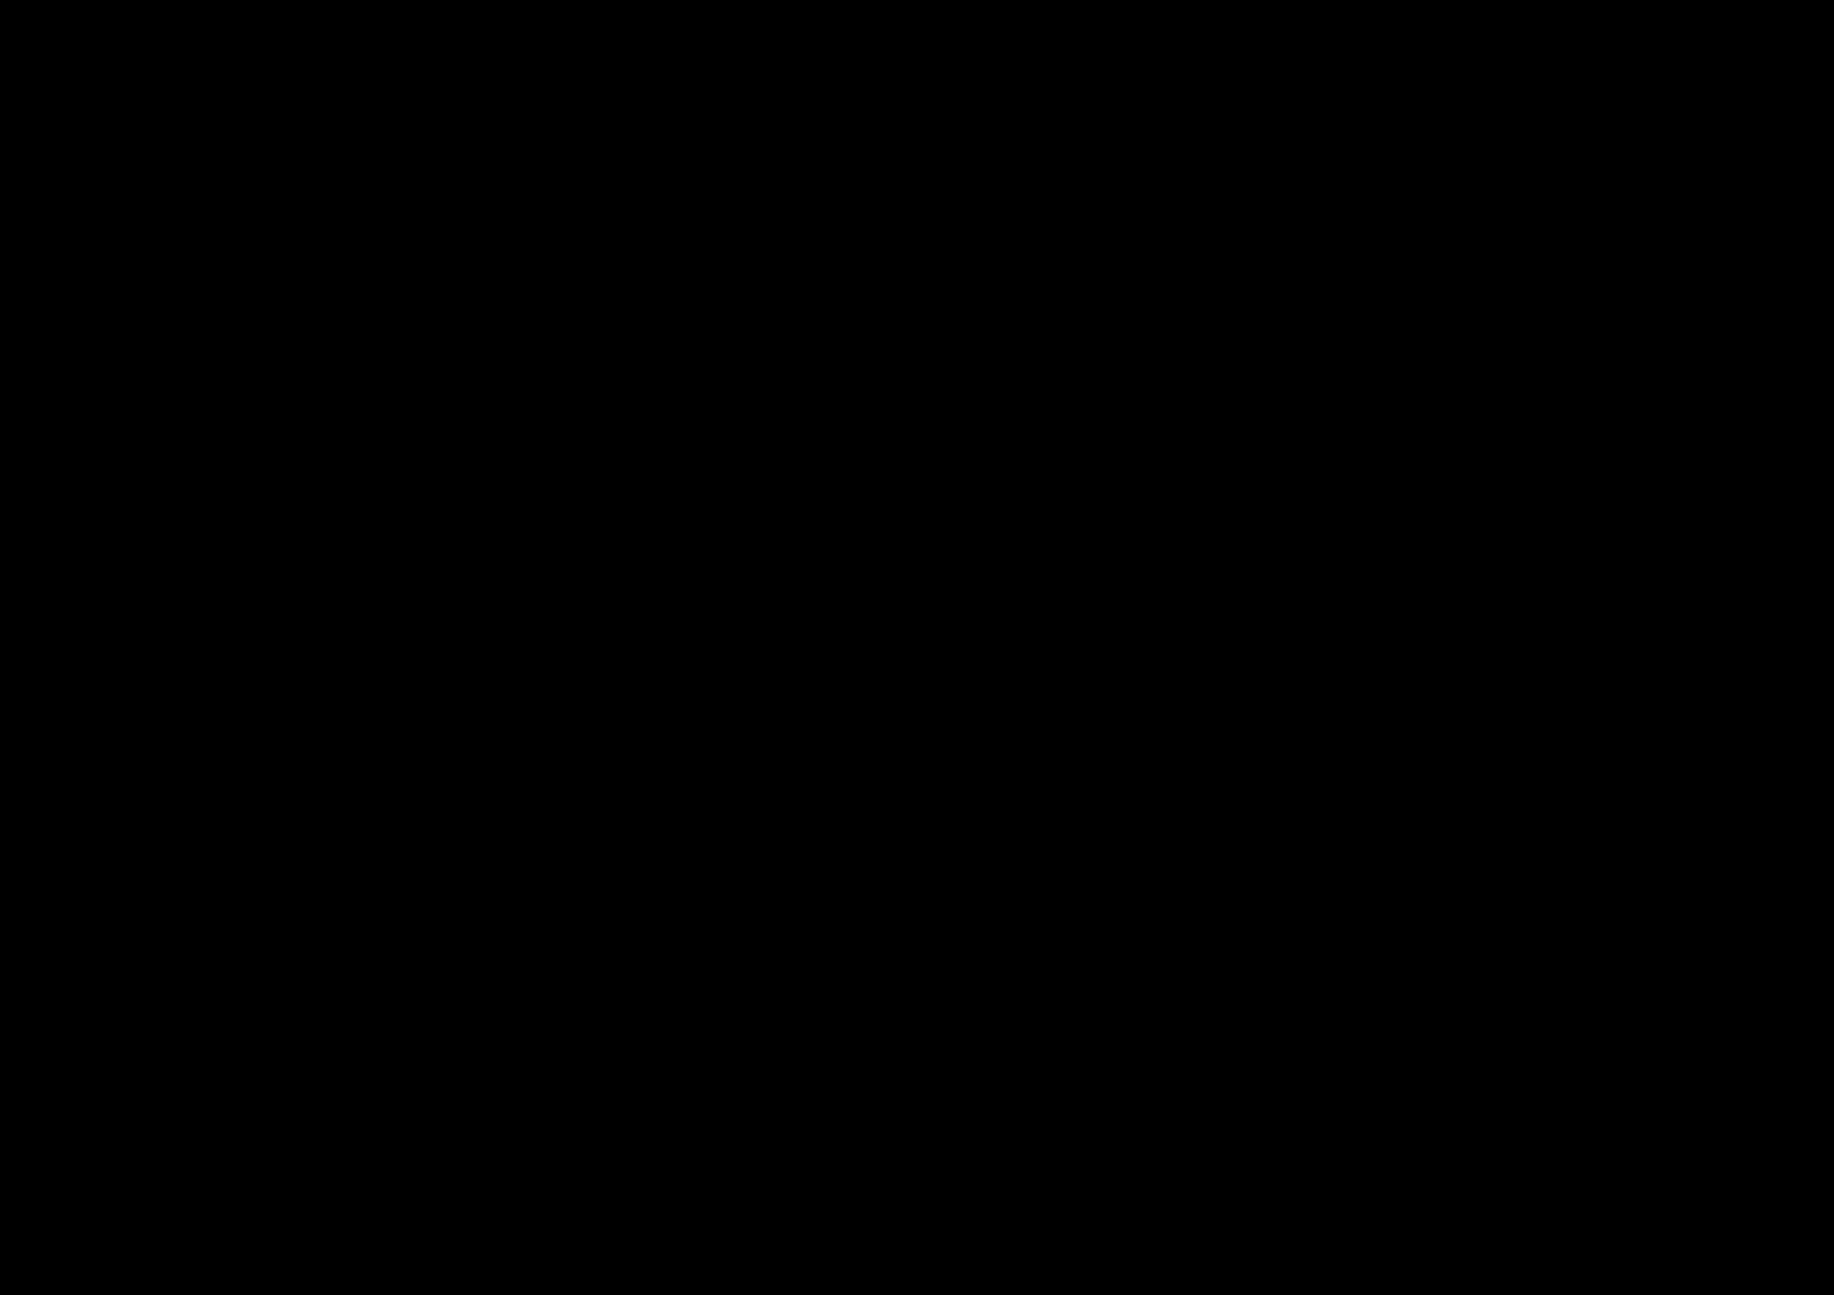 esteclair-230712